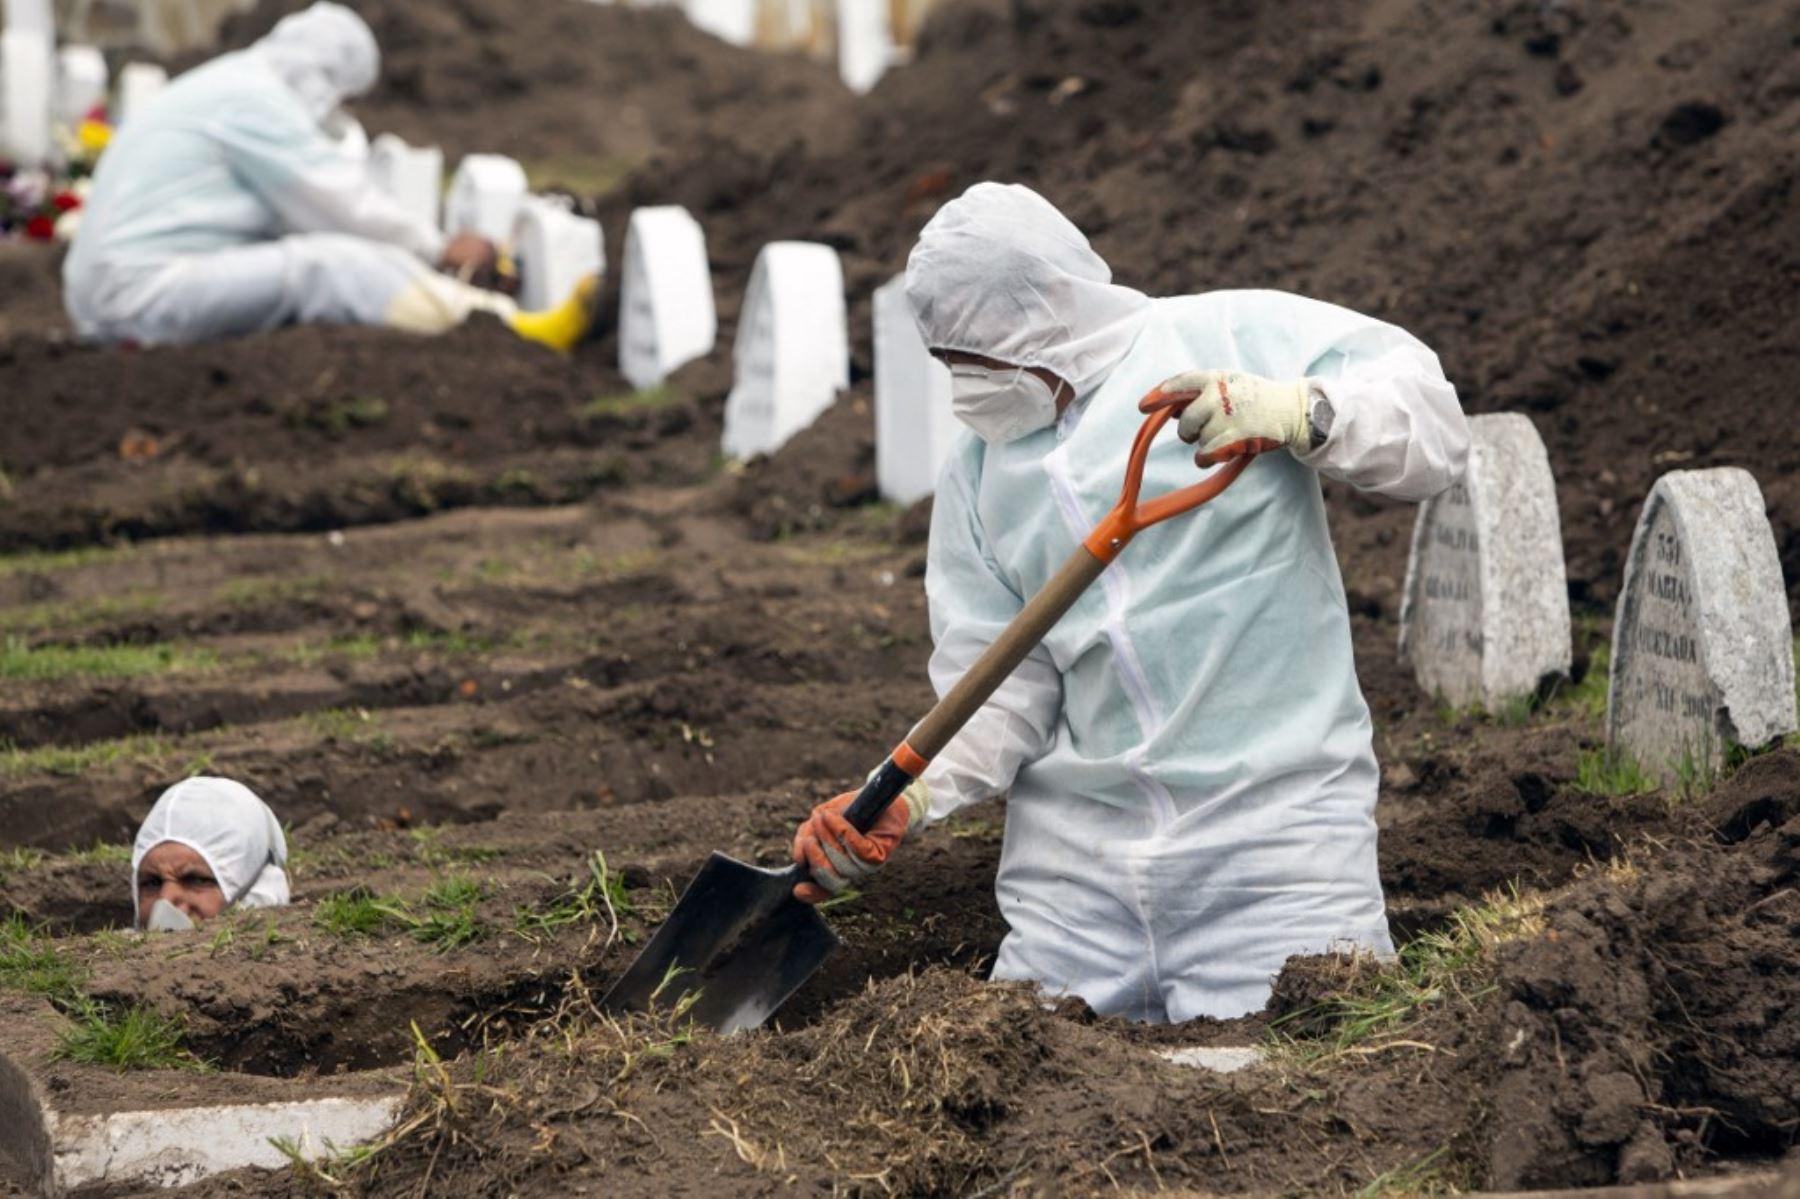 Trabajadores con equipo de bioseguridad preparan tumbas para presuntas víctimas del nuevo coronavirus Covid-19, en el Cementerio de San Diego, en el Centro Colonial de Quito.Foto:AFP